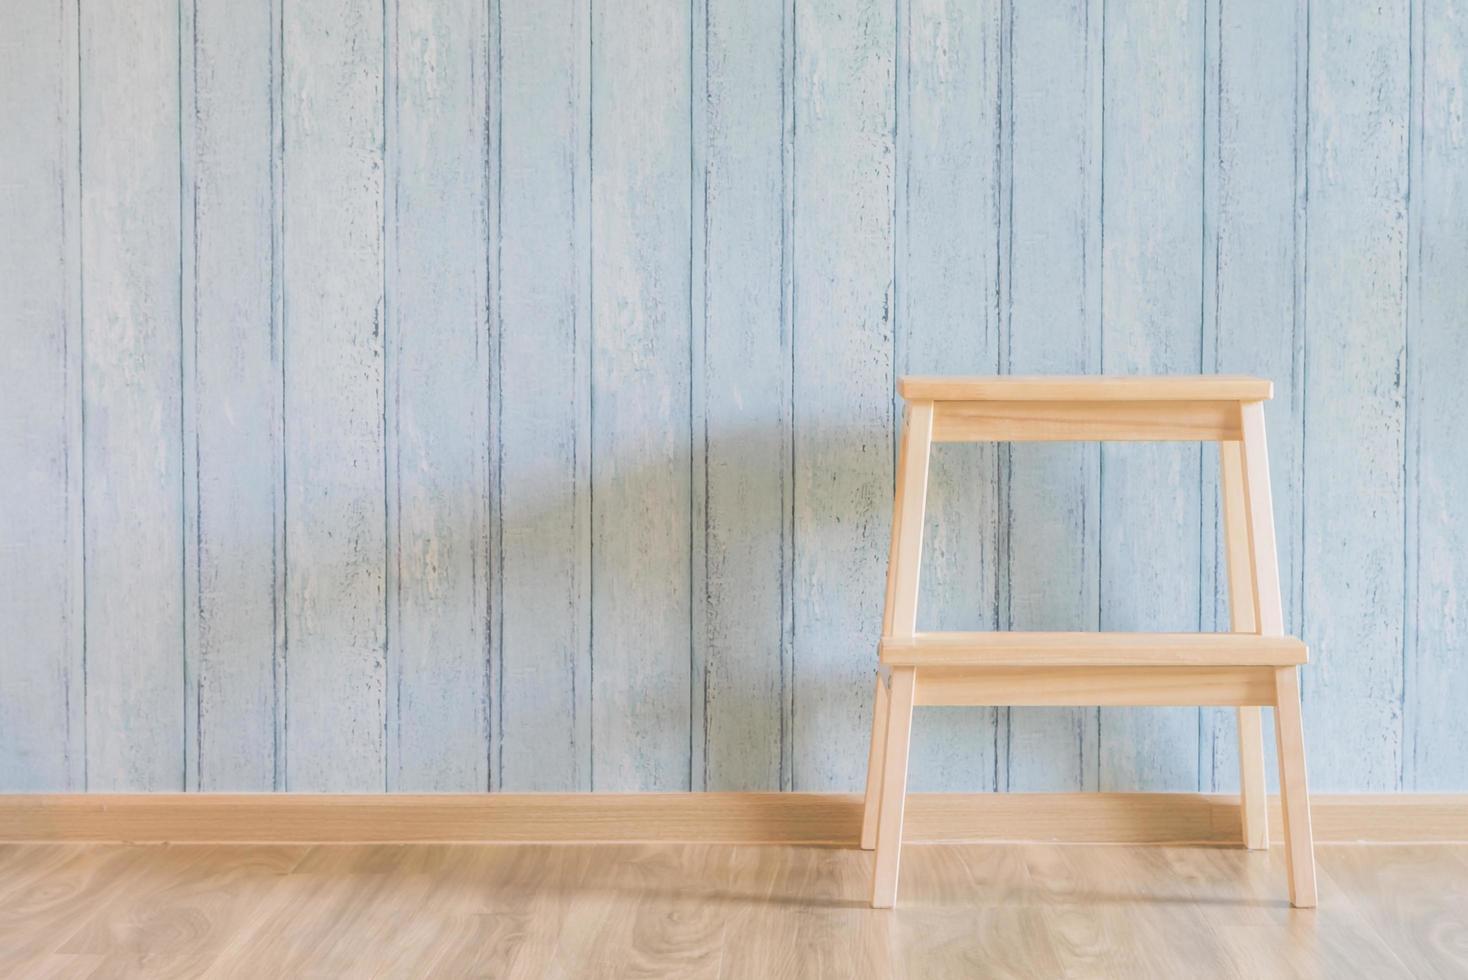 Silla de madera vintage sobre fondo de madera foto